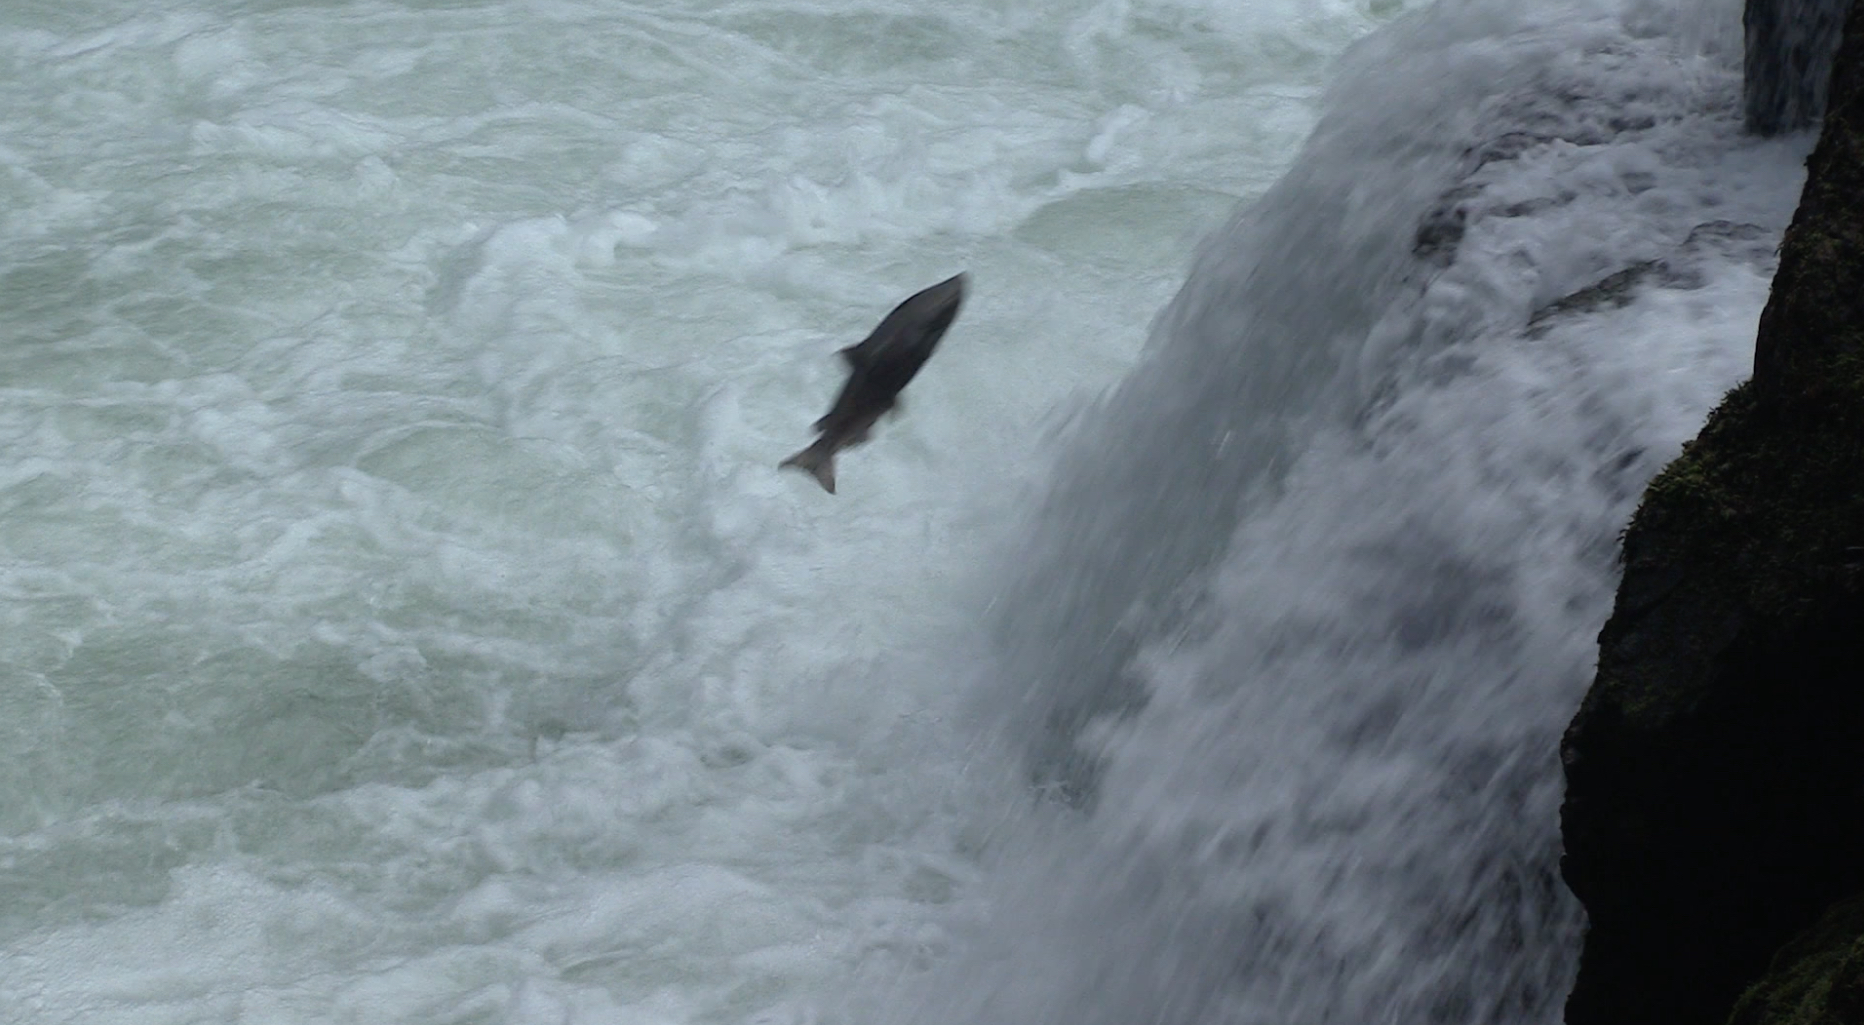 Salmon at Stamp Falls